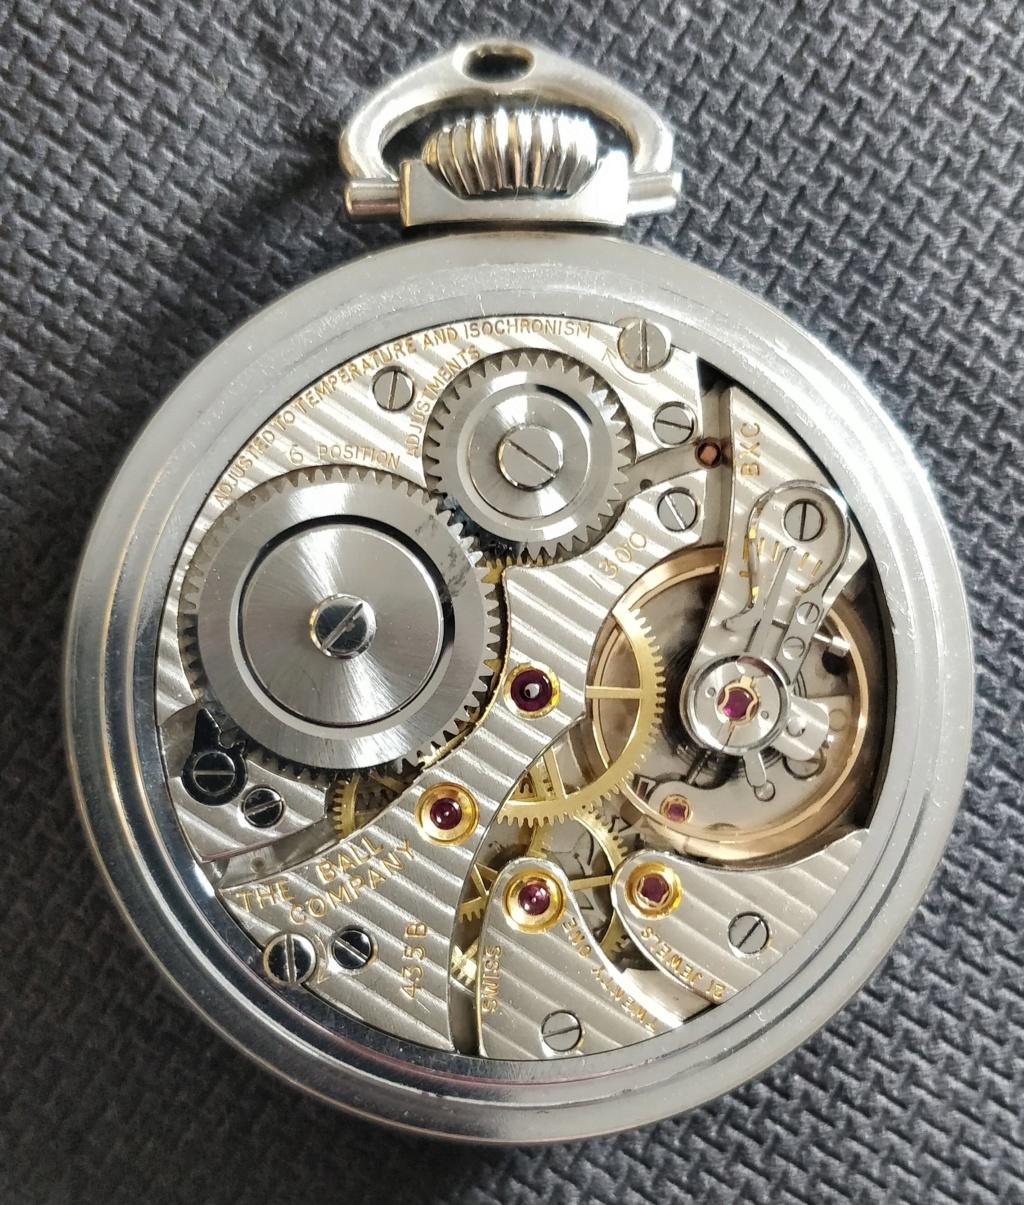 Demande d'aide pour offrir une montre gousset  Img_2052